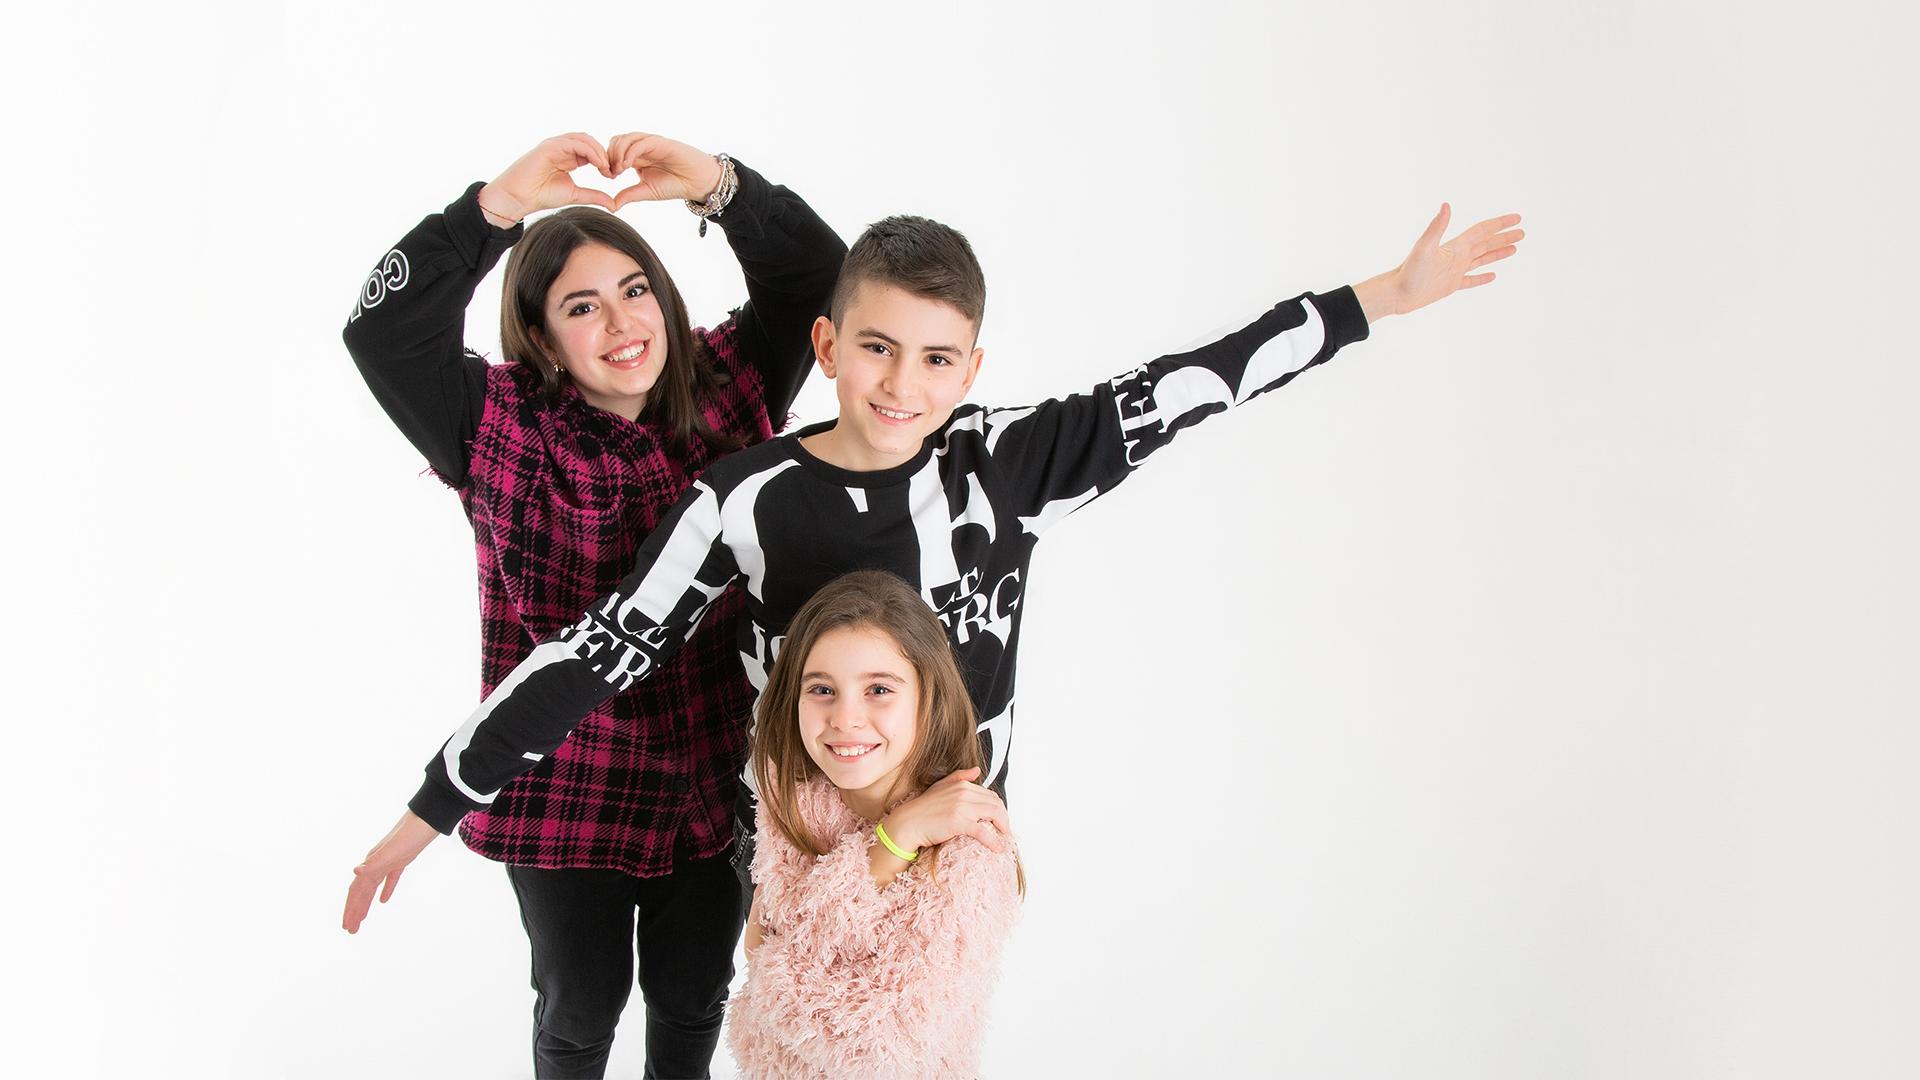 19 marzo Festa del papà: tre idee regalo.